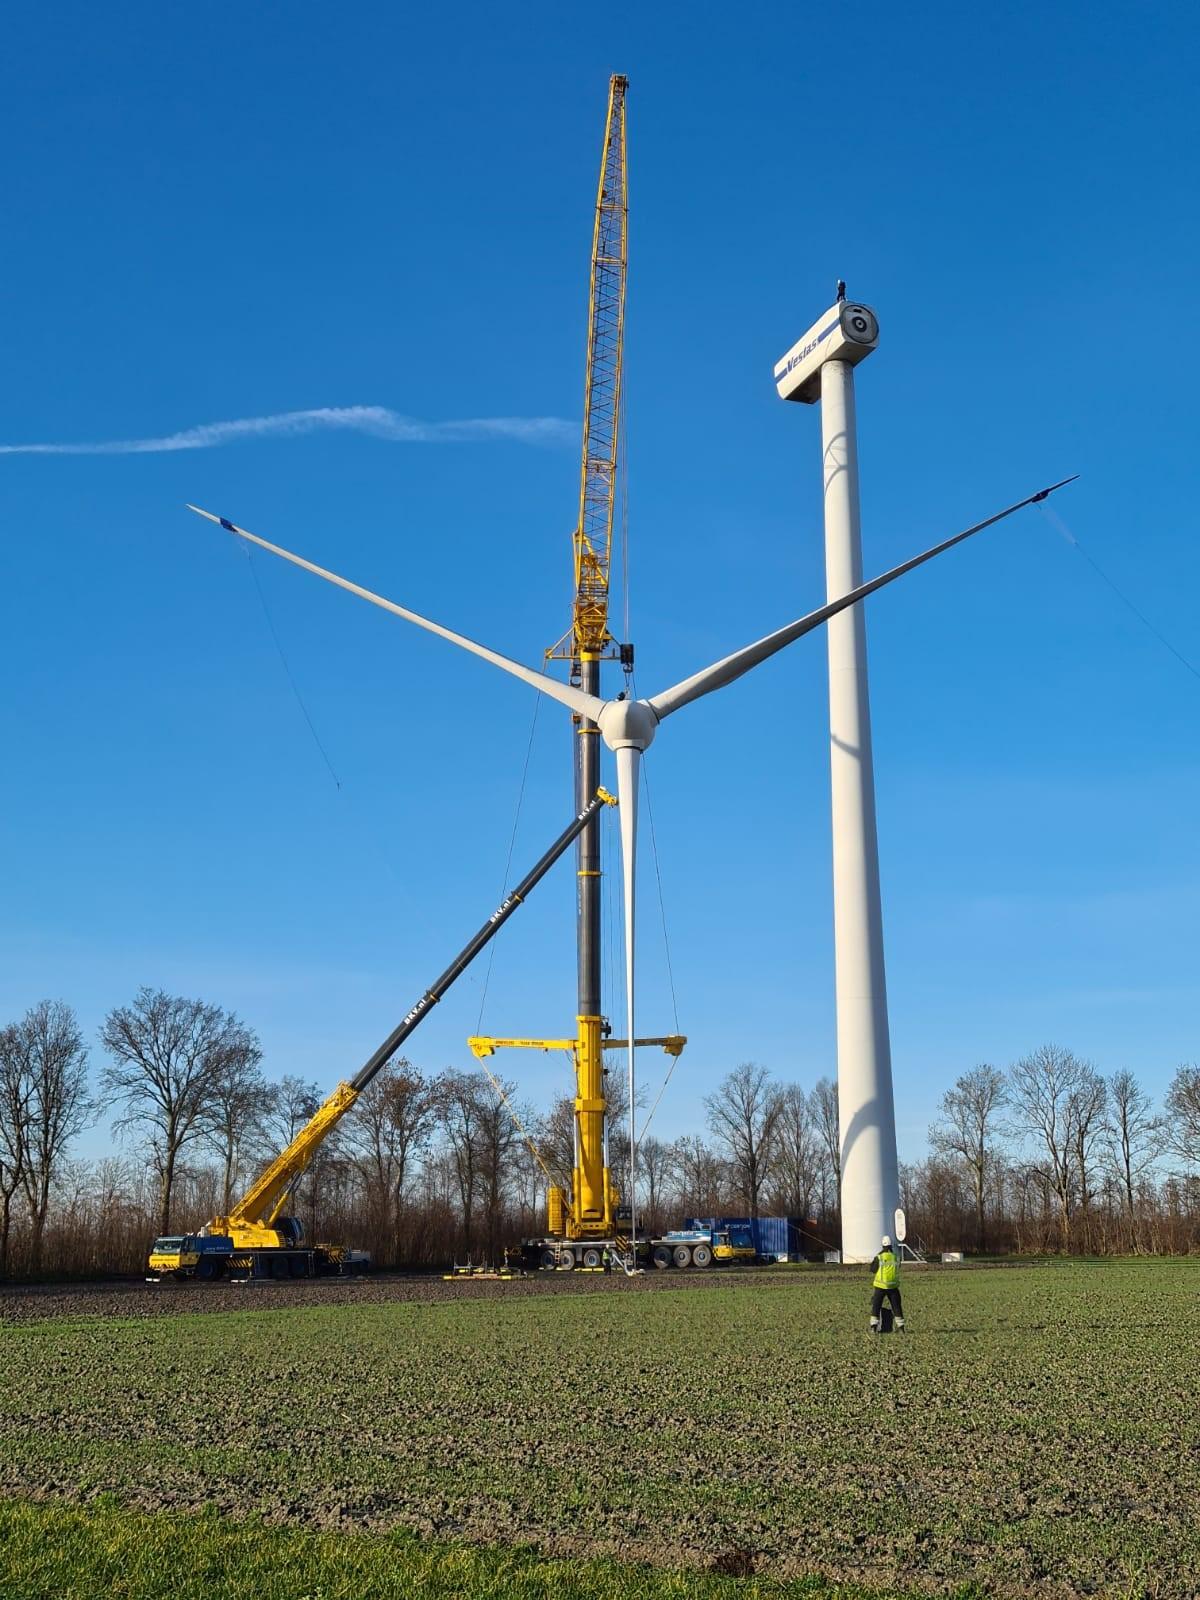 Verwijderen van bestaande windmolens